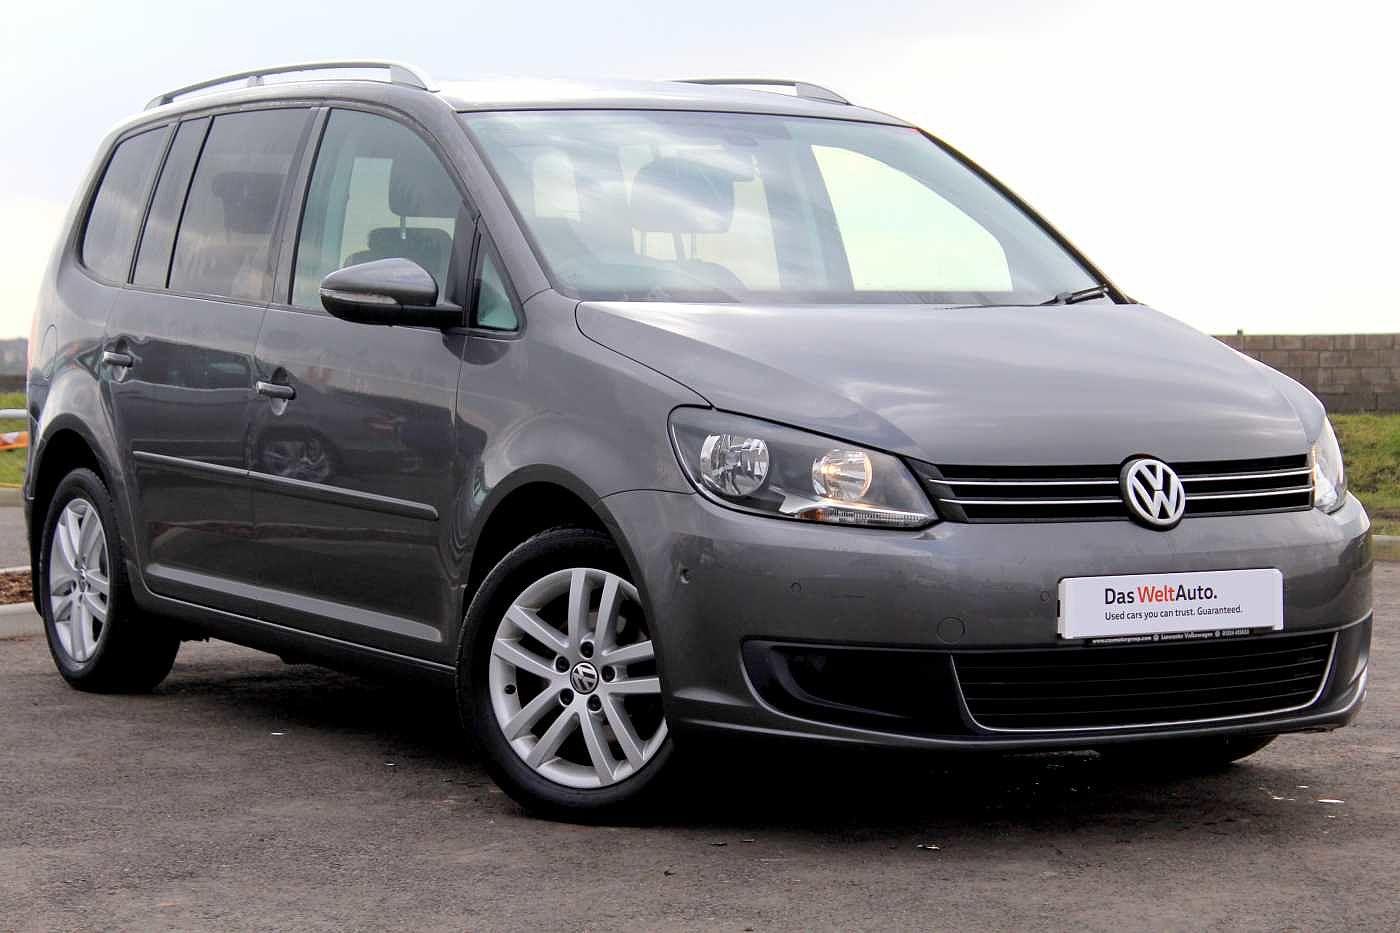 Volkswagen Touran 1.6 TDI SE 105PS